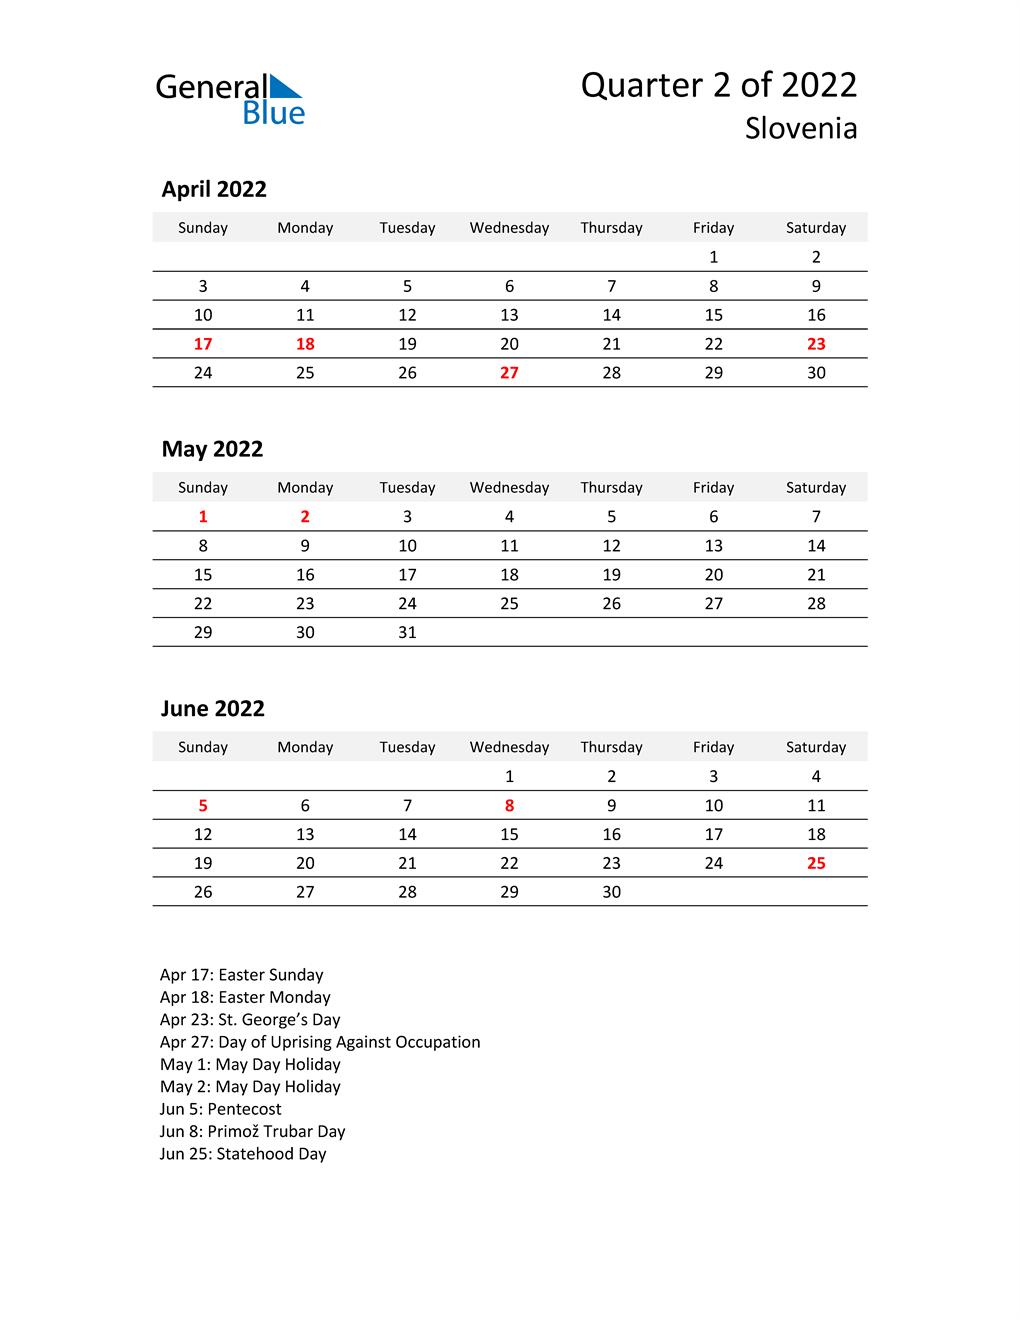 2022 Three-Month Calendar for Slovenia